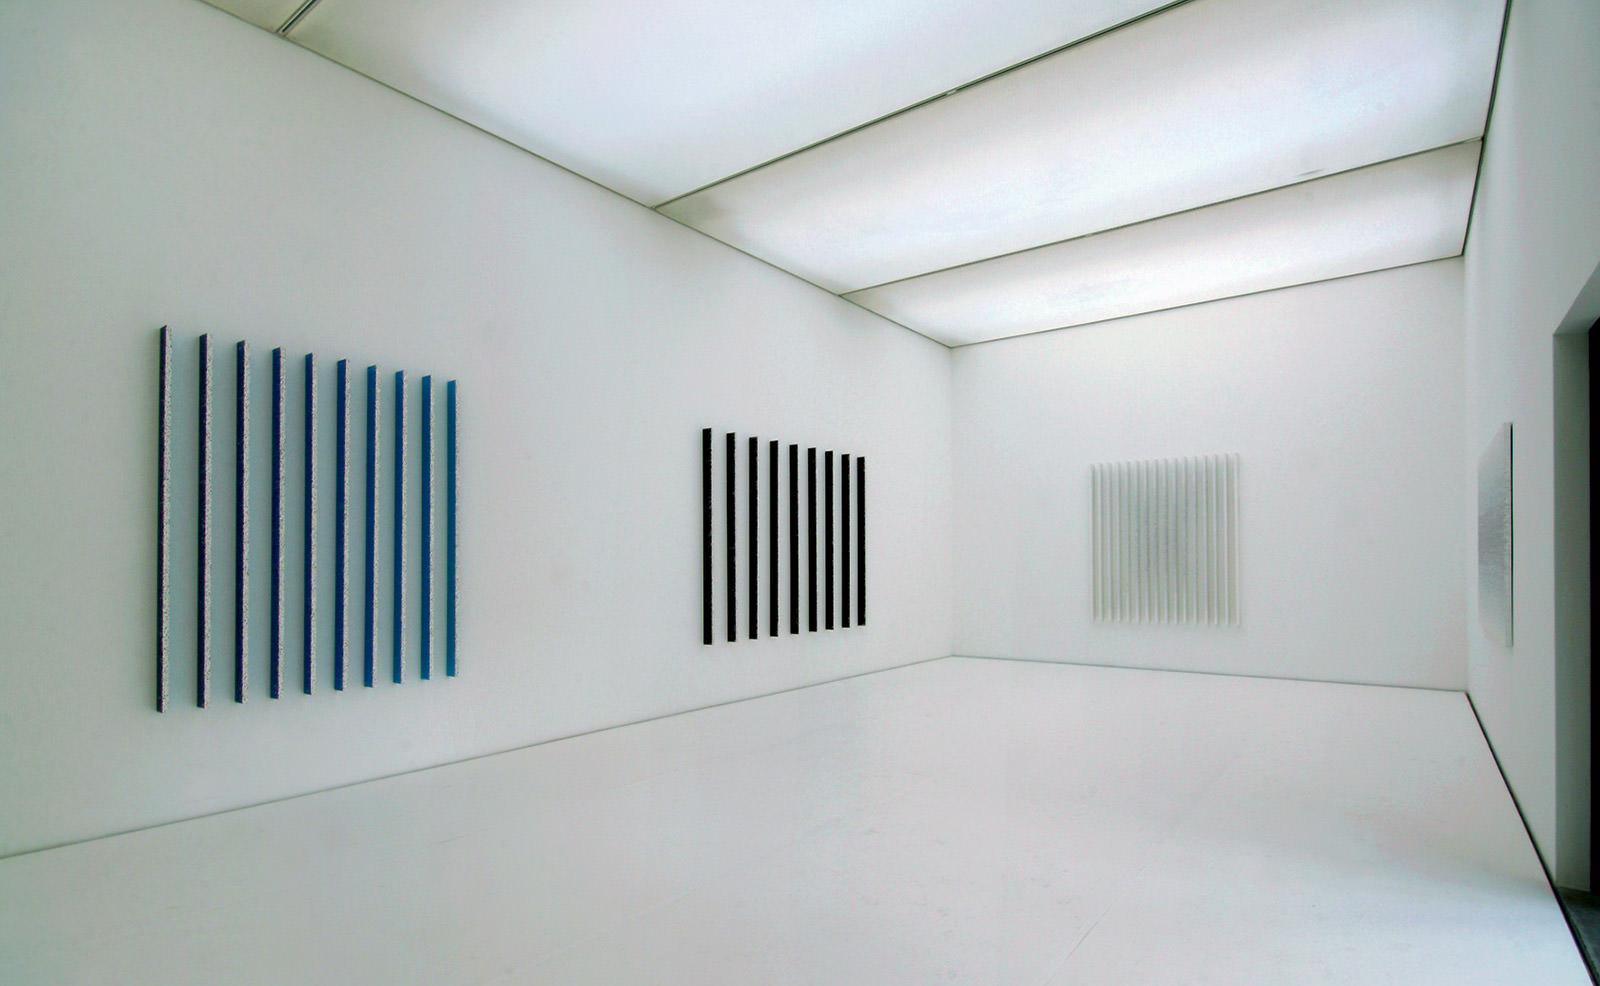 Kanten @ Galerie Aller Art Bludenz (AT) 2007